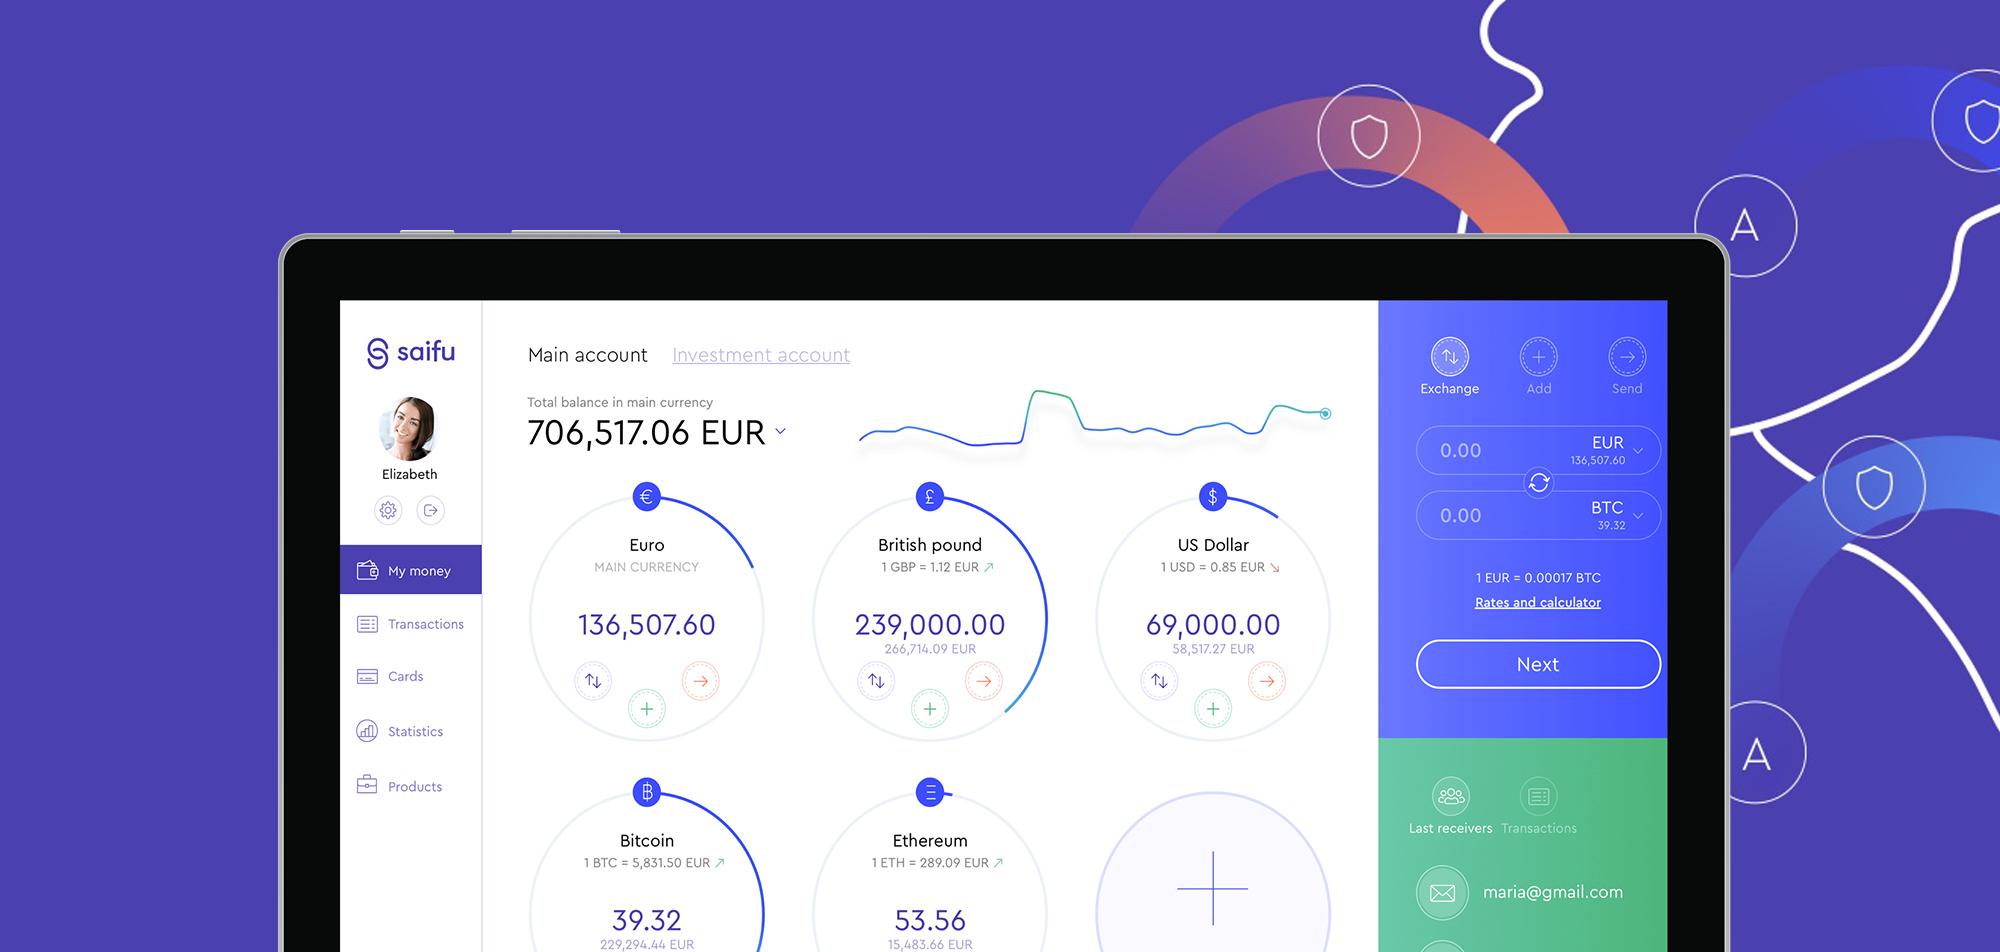 Webová podoba finanční aplikace Saifu od společnosti Paymaster a.s.